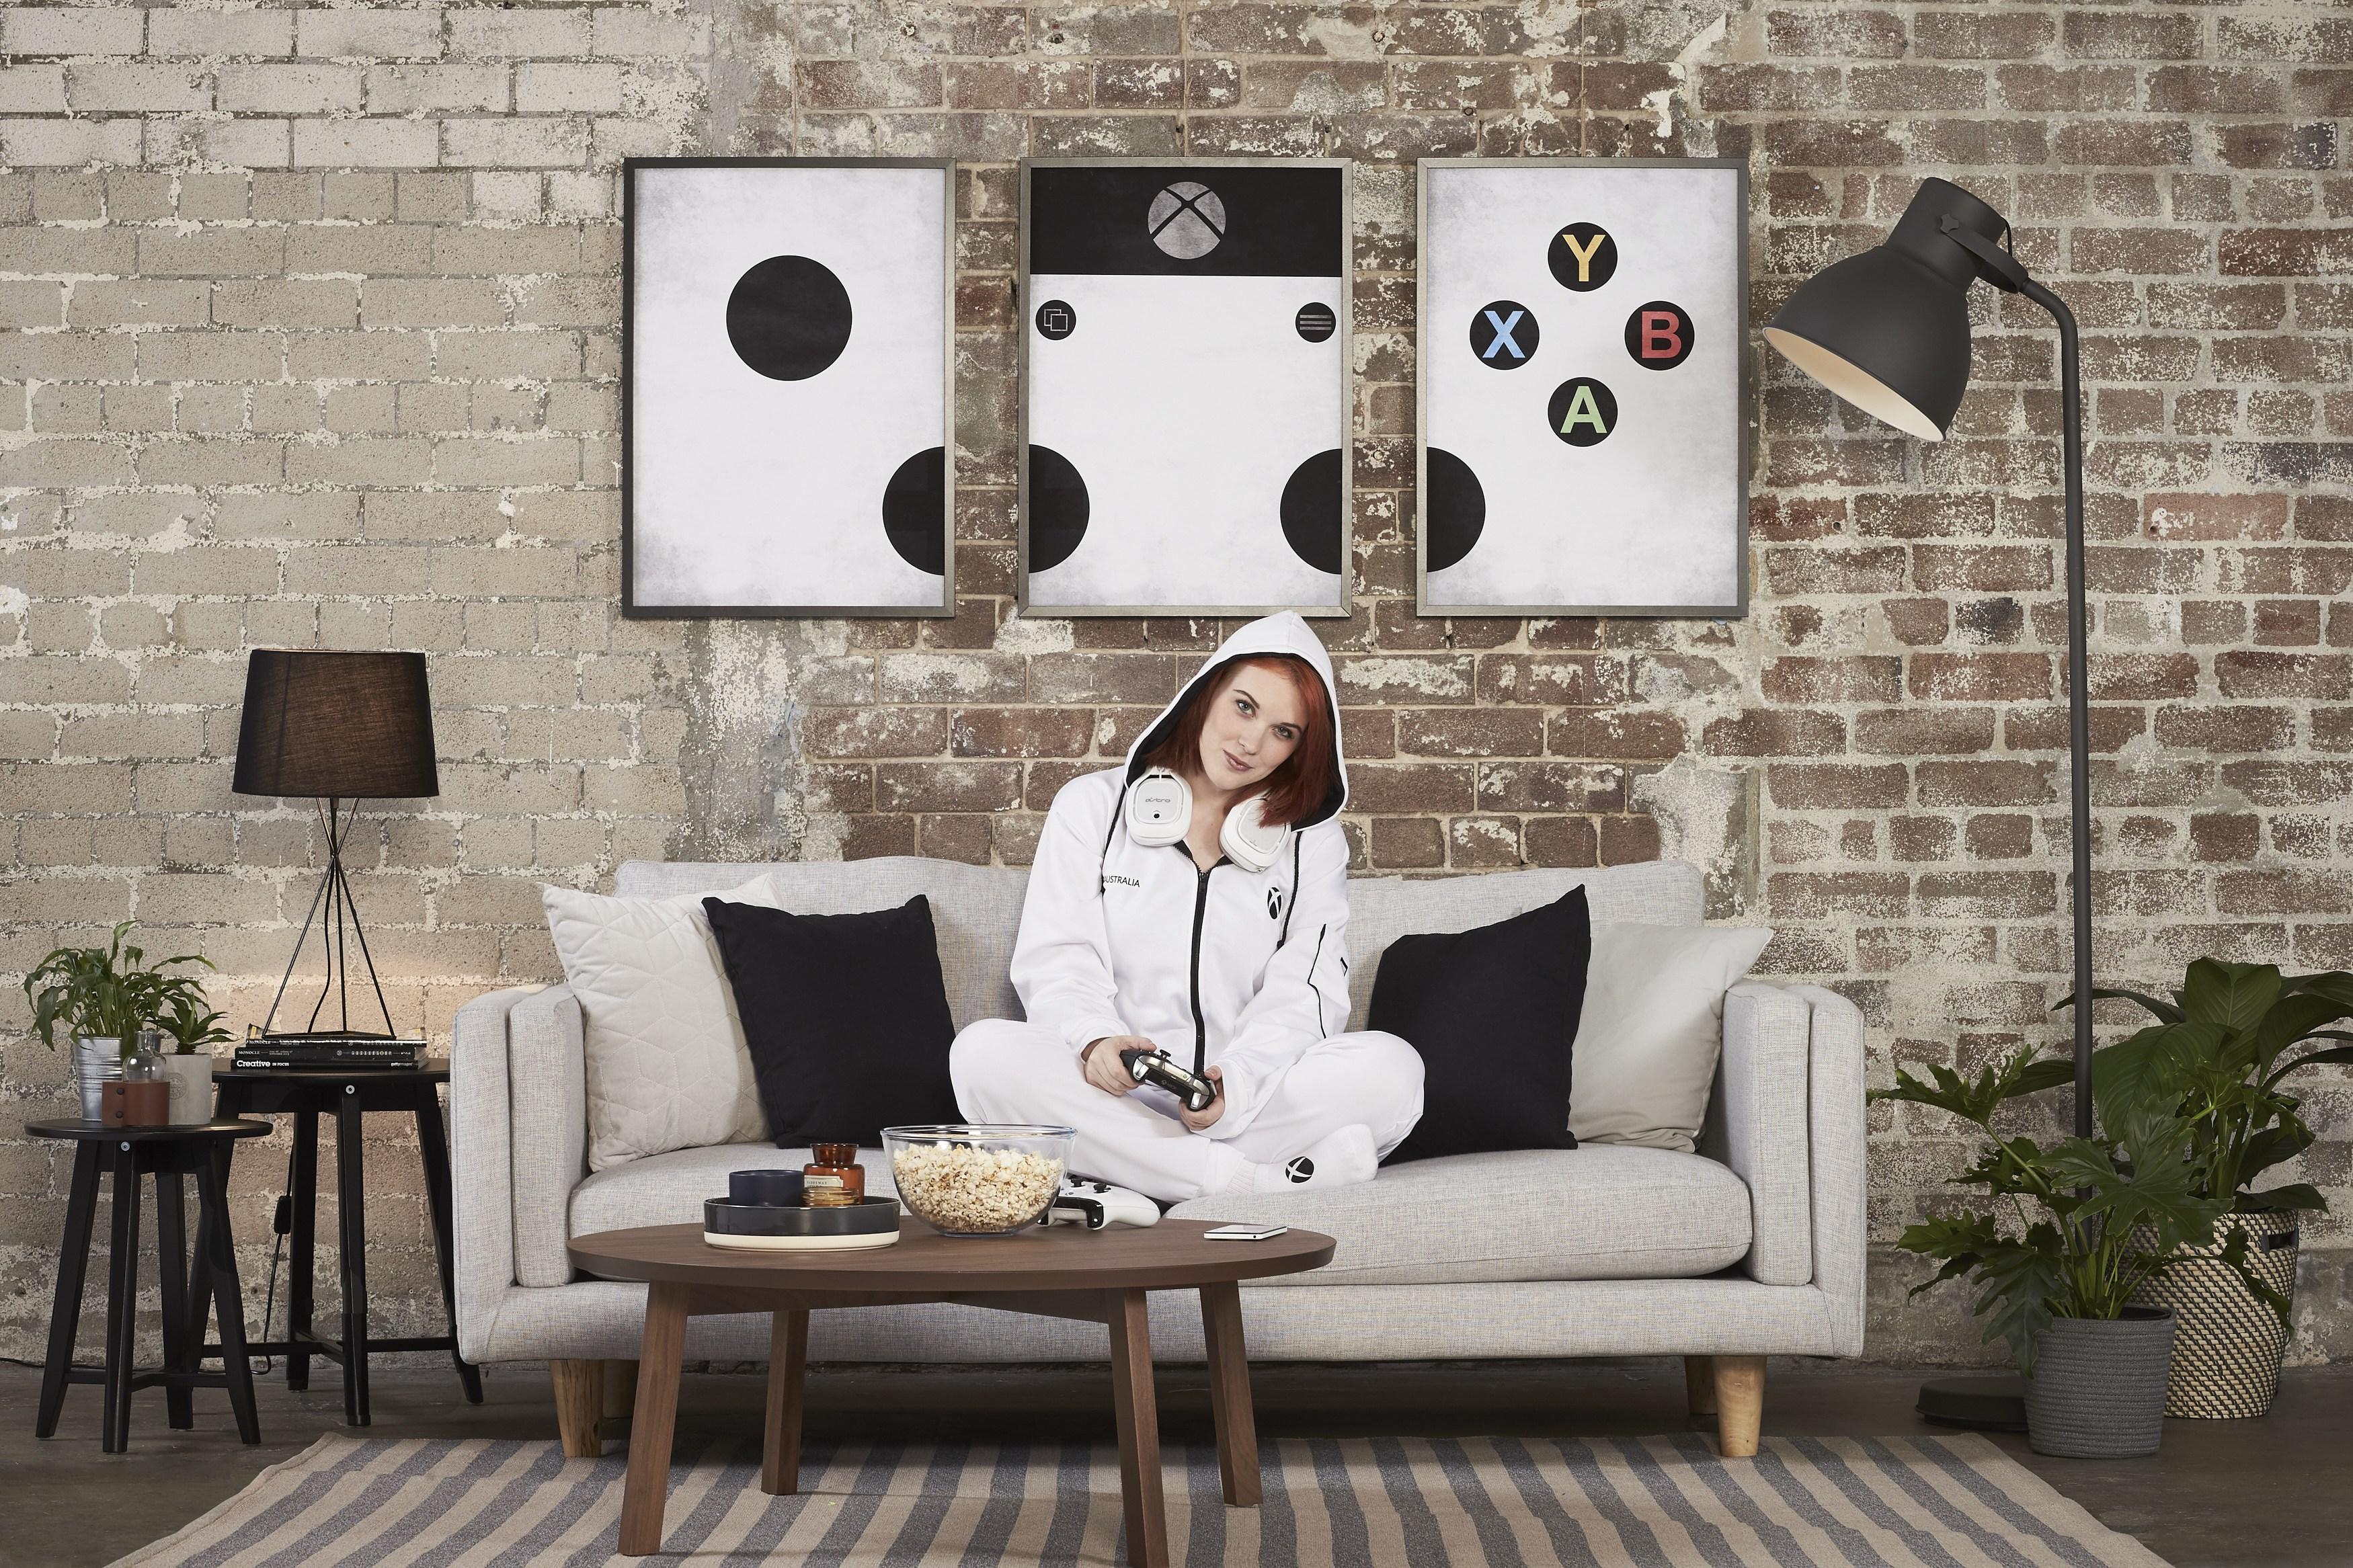 Xbox Onesie image 11